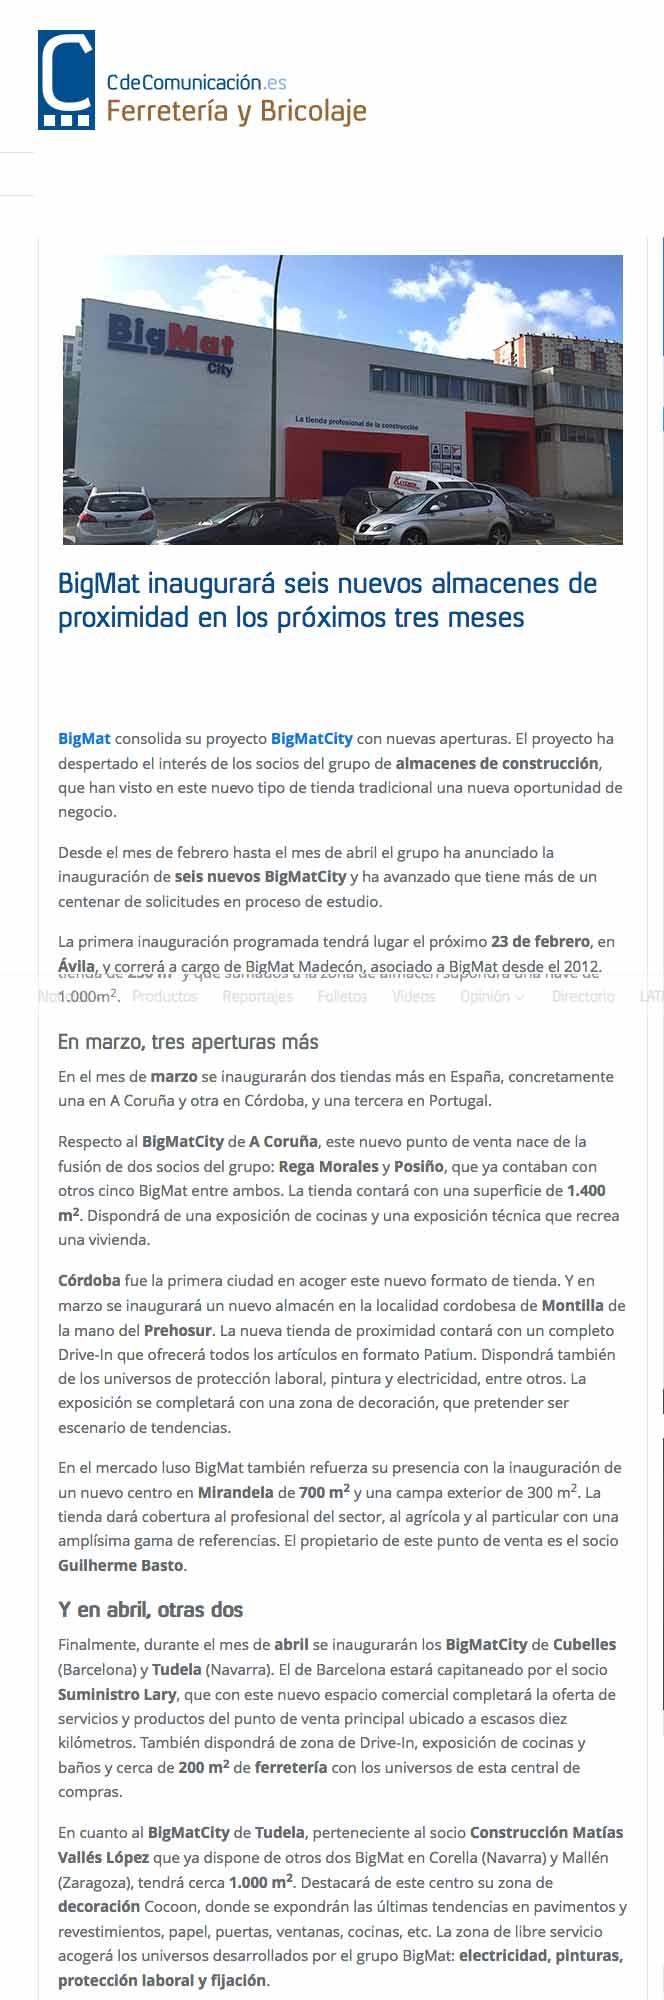 Bonito Reanudar Asociado Almacén Imagen - Colección De Plantillas De ...